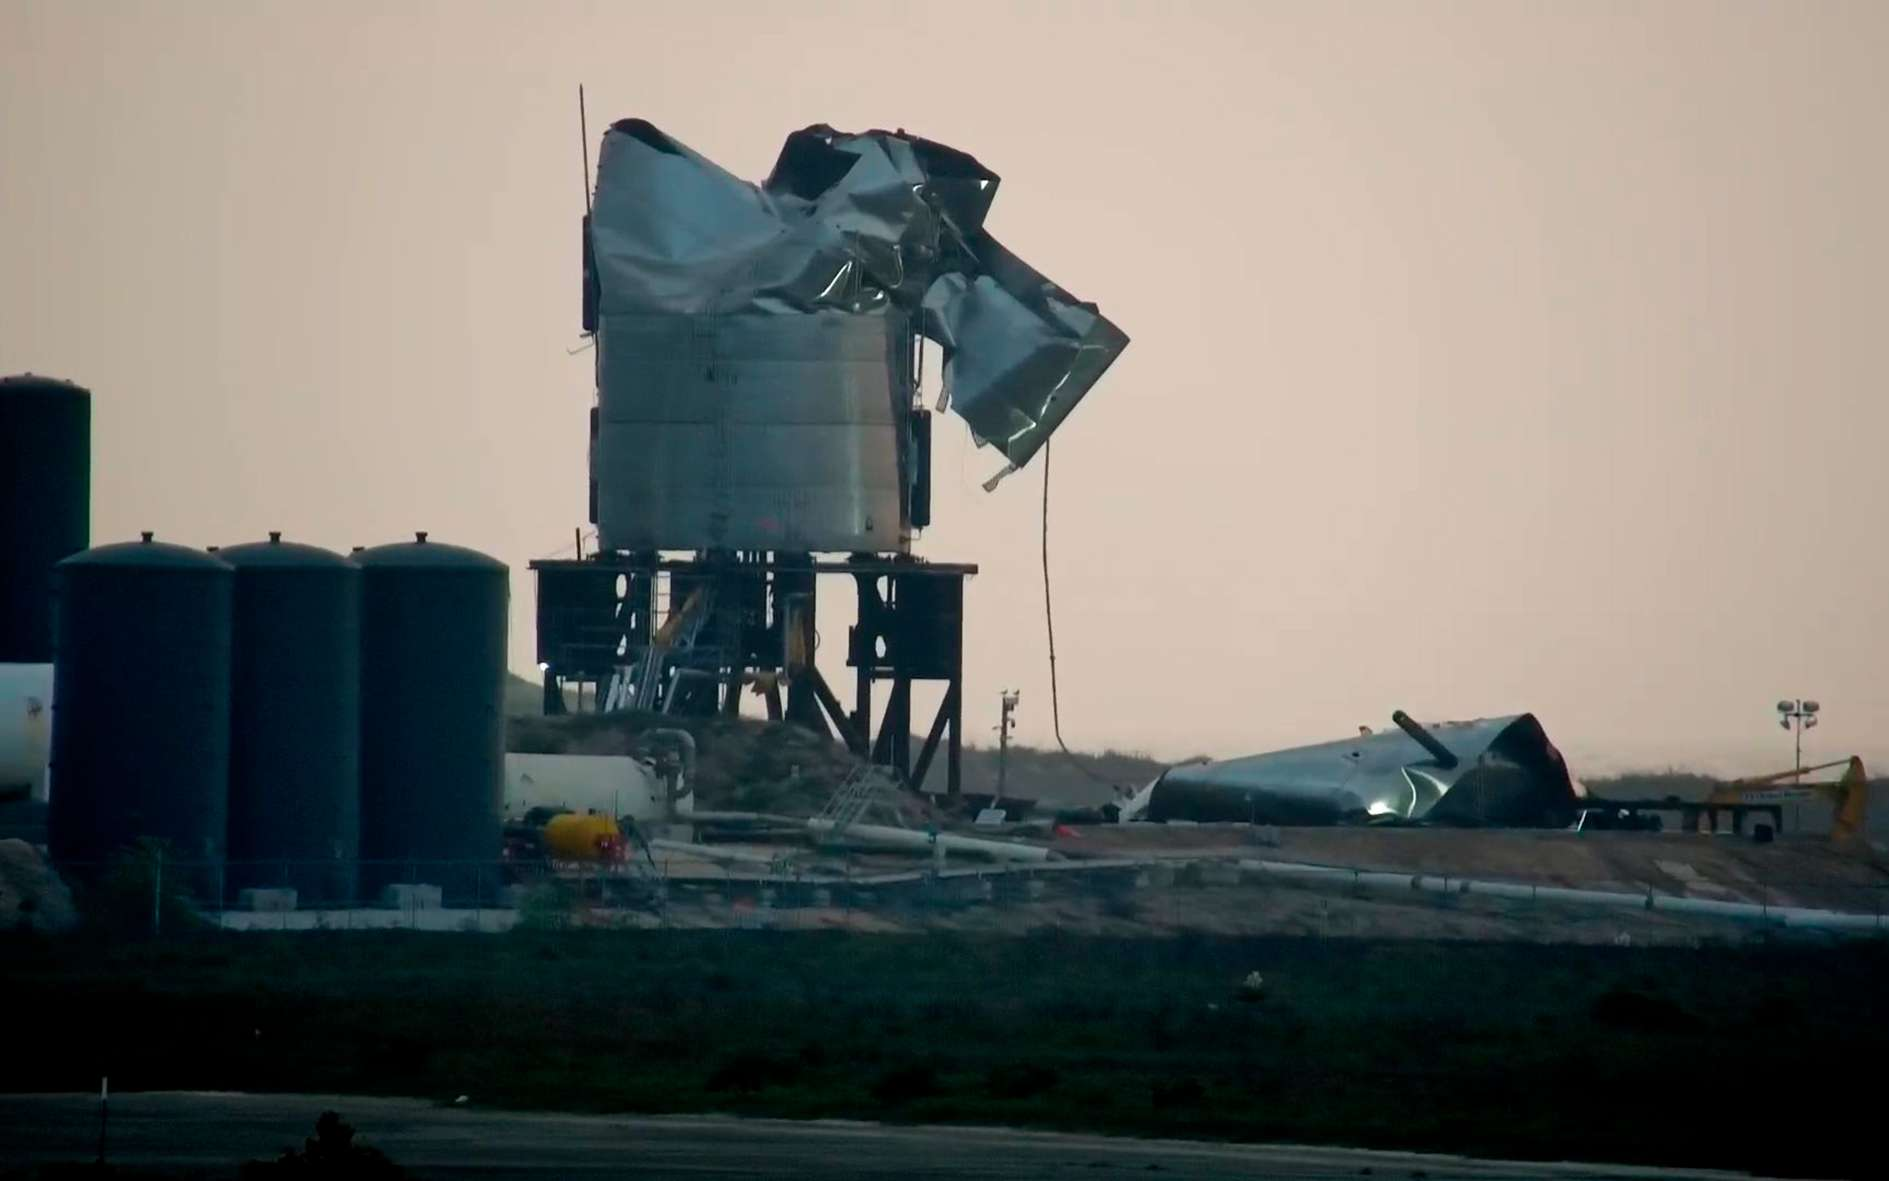 L'explosion du prototype SN3 a été suivie en direct depuis le site internet de la commune de South Padre Island qui, profitant d'une vue sur la base de SpaceX, y a installé des caméras filmant en permanence les activités de la base de Boca Chica. © South Padre Island